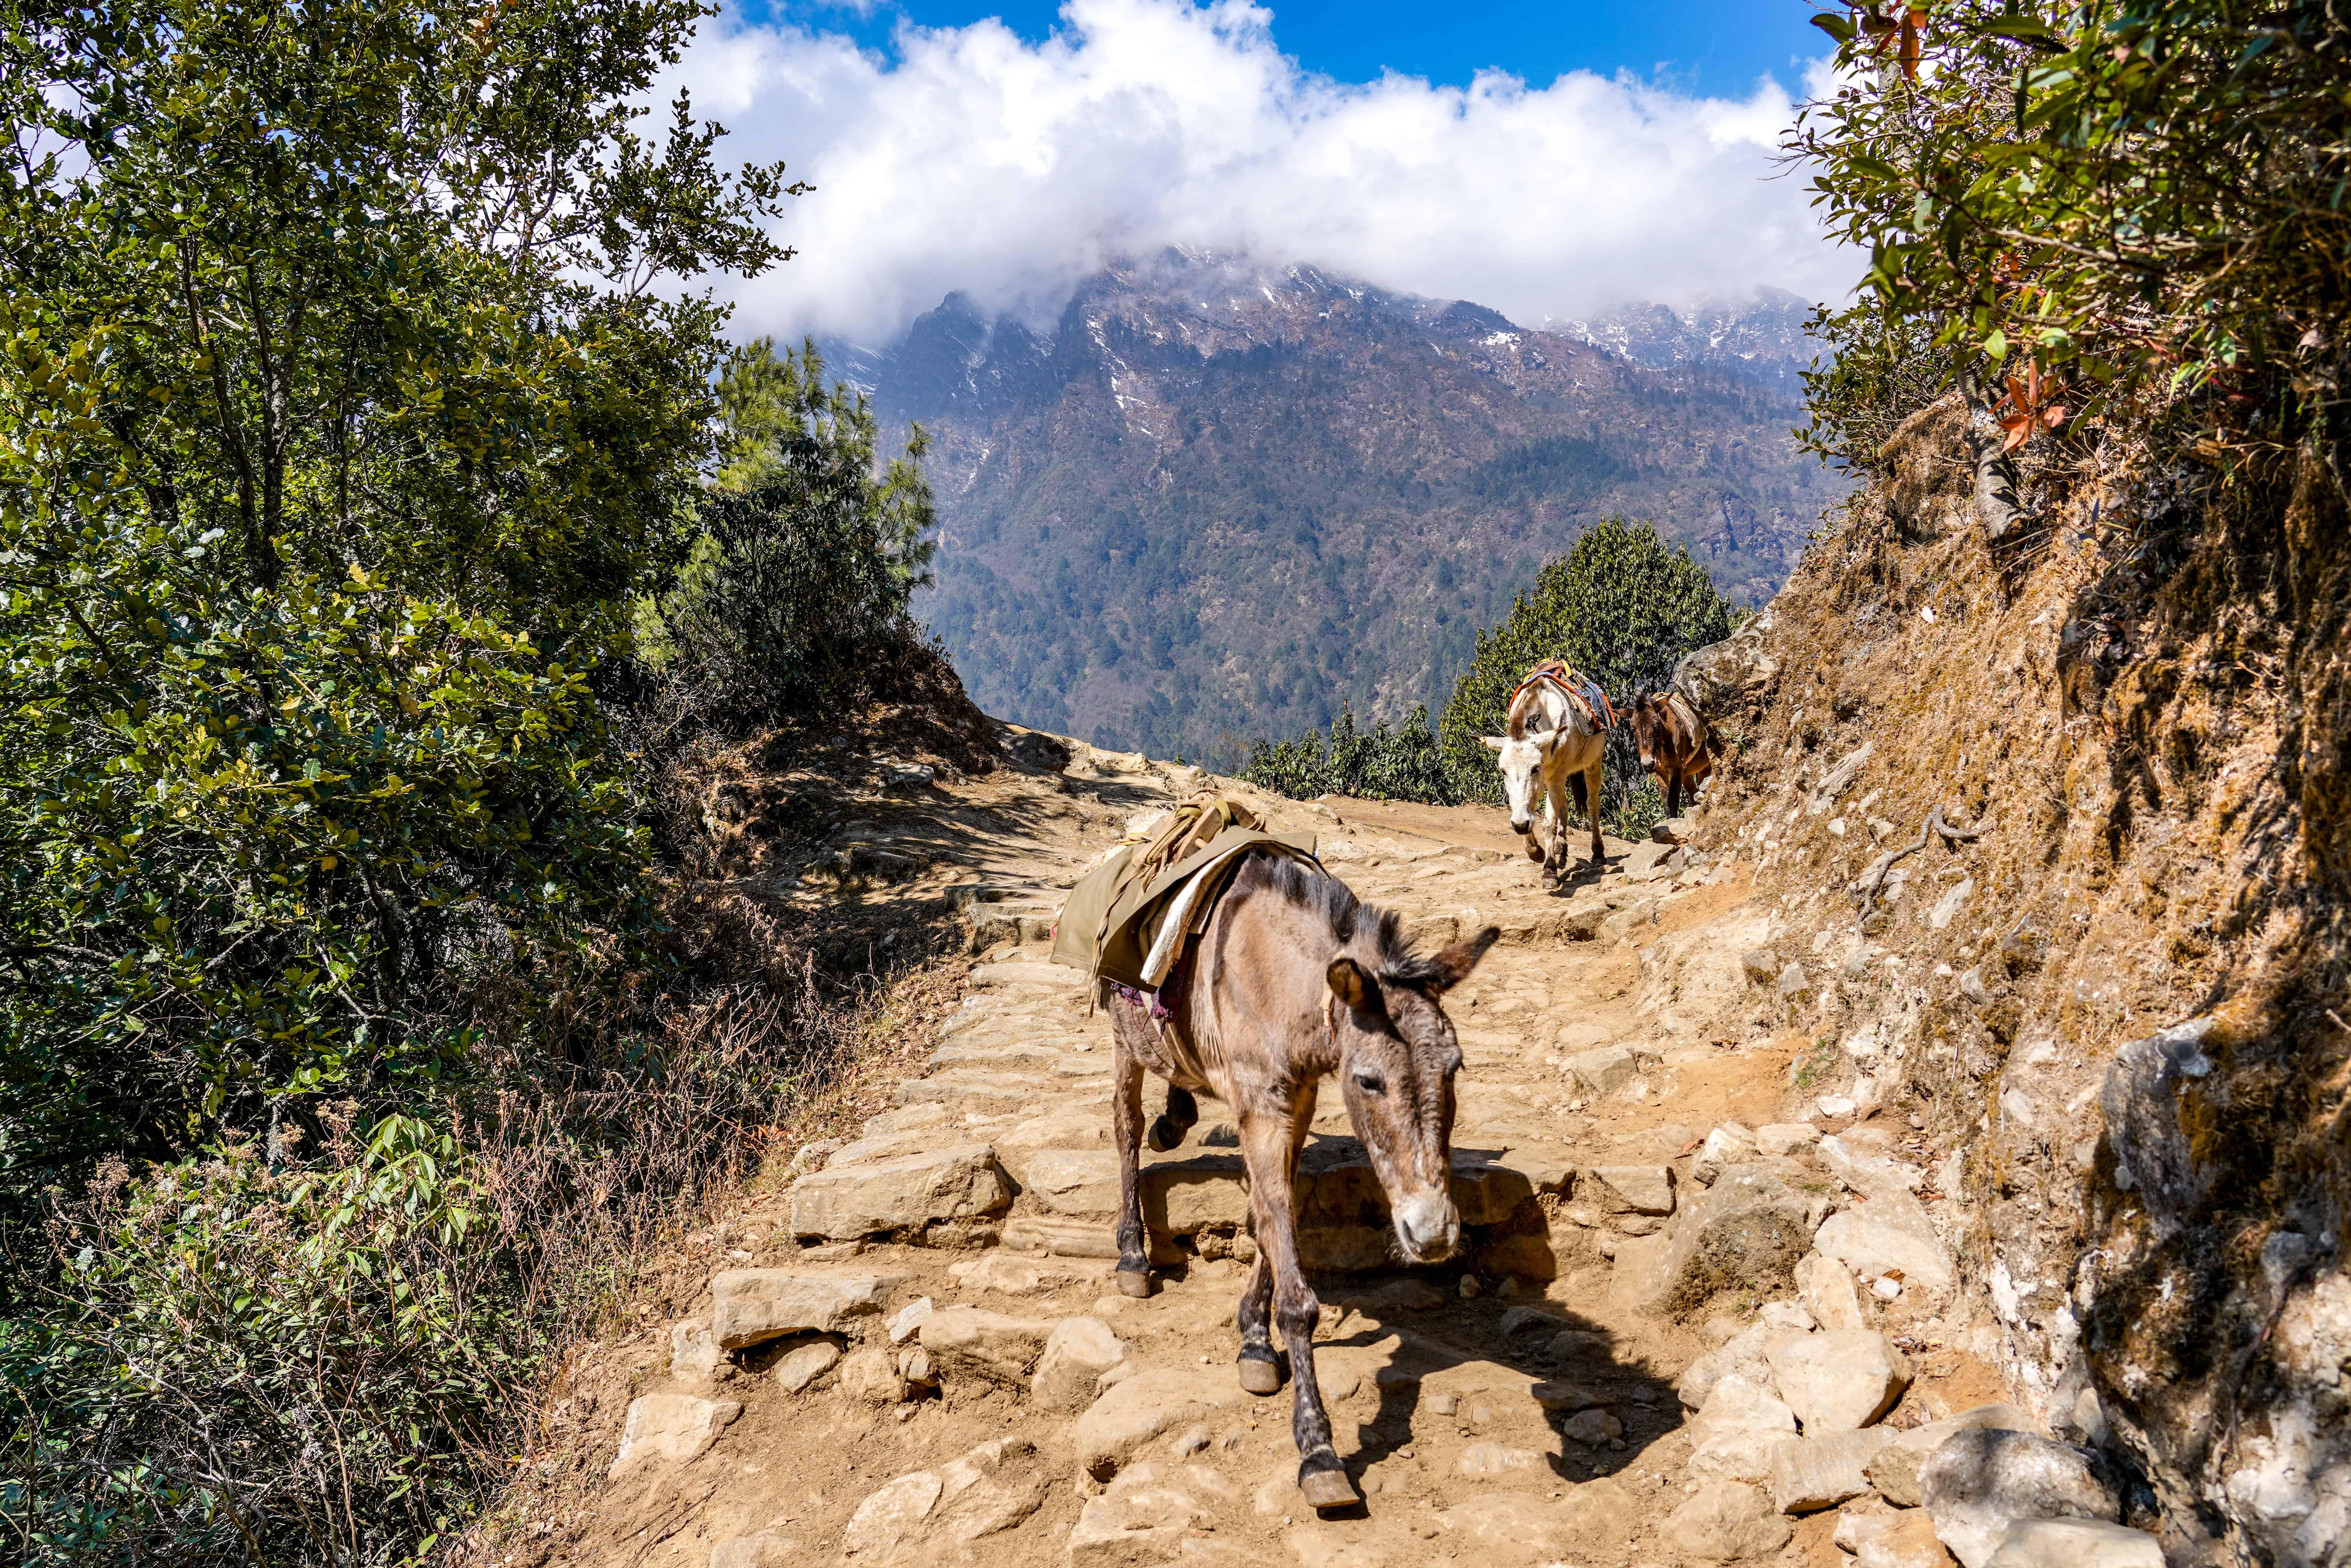 Skinny Donkey on trail-1